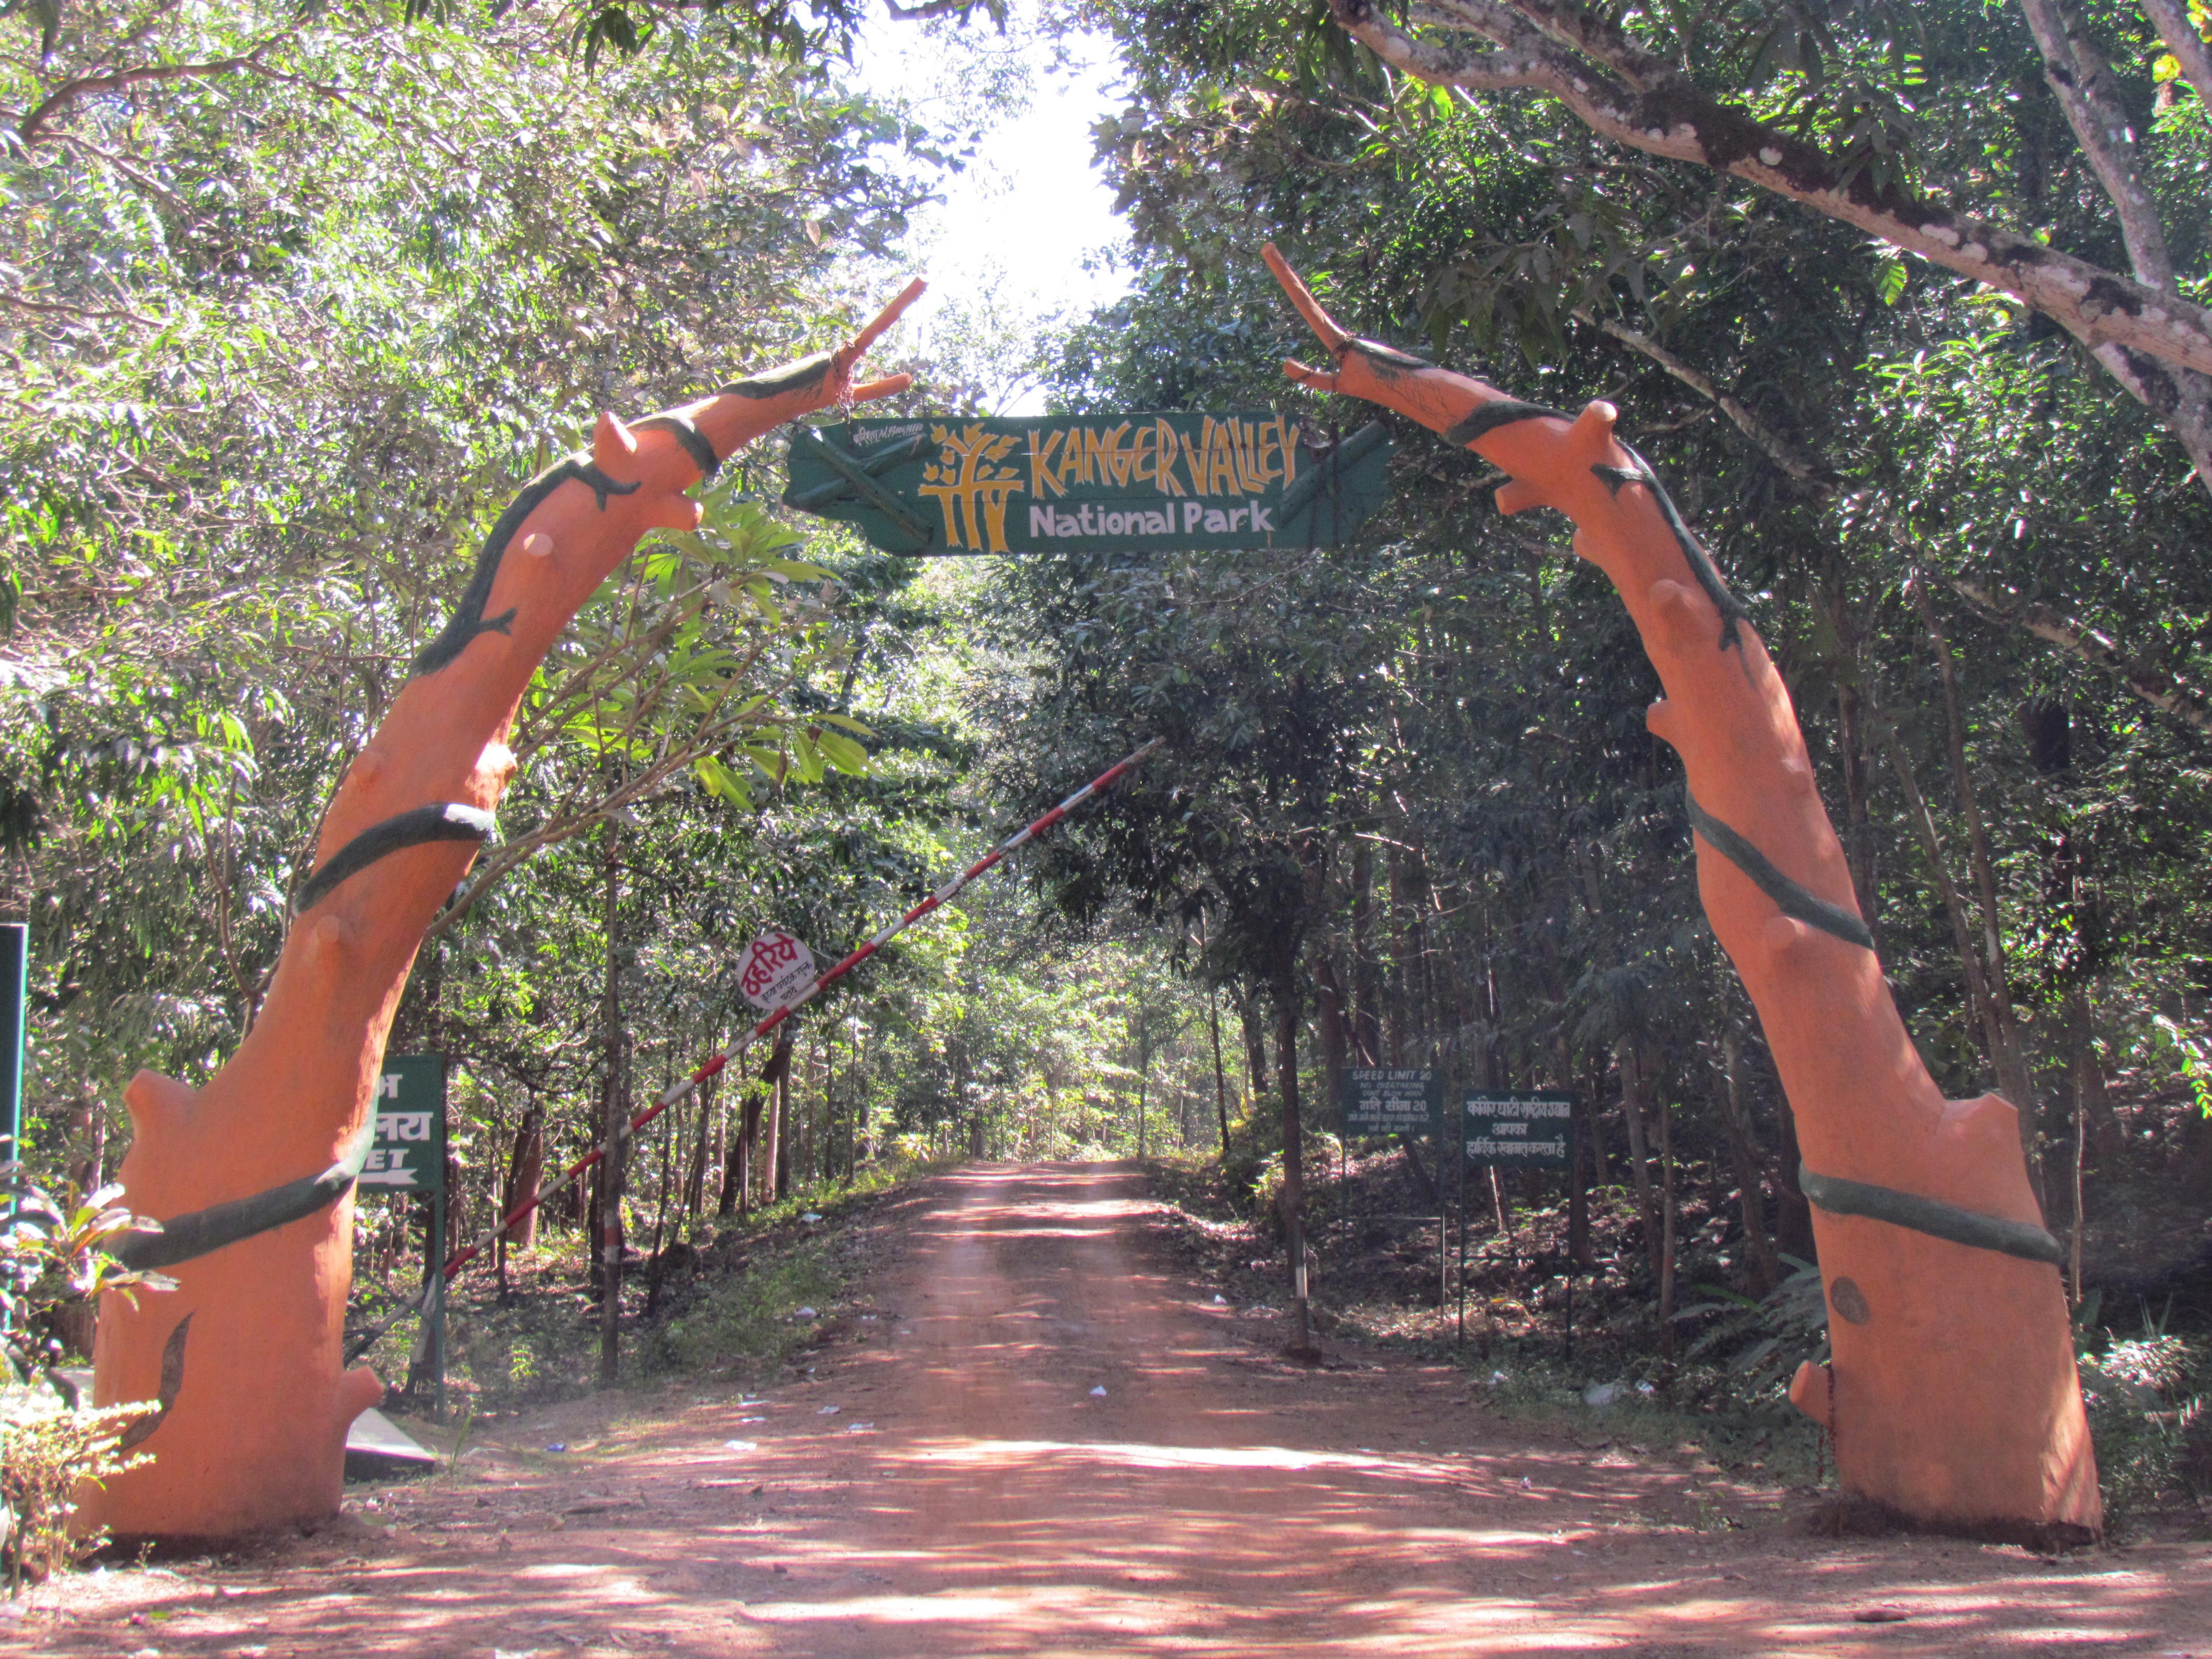 Kanger Valley National Park